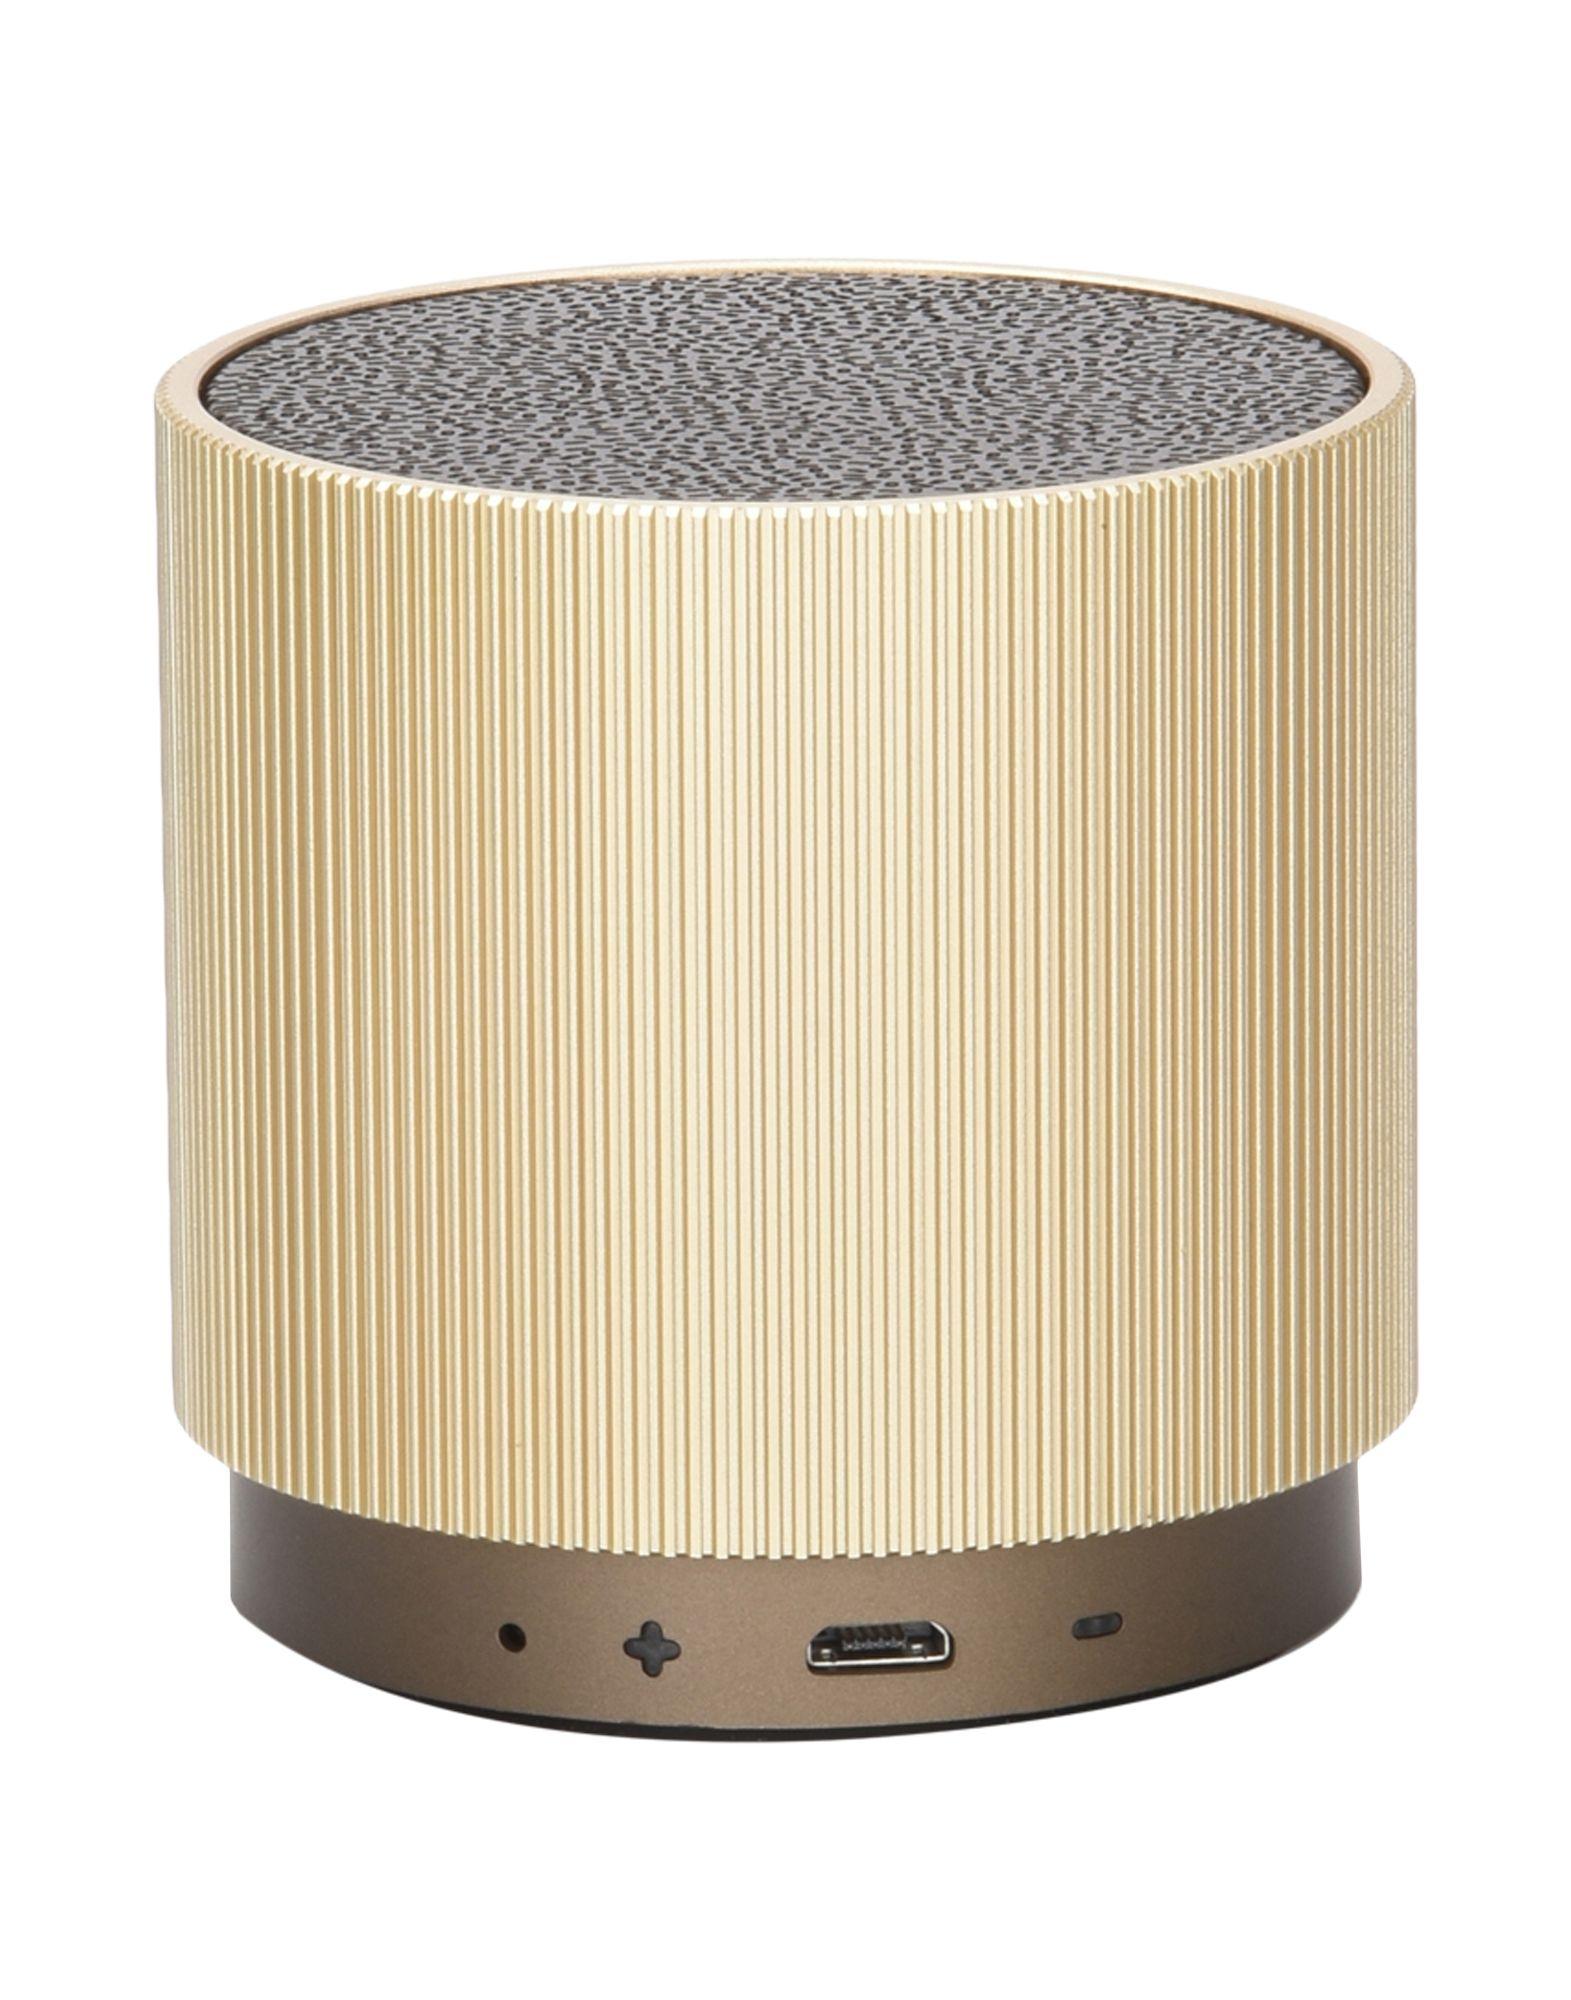 LEXON Аудио soaiy saaiy sa 115 улучшен аудио аудио аудио домашний кинотеатр беспроводной bluetooth эхо стена soundbar audio